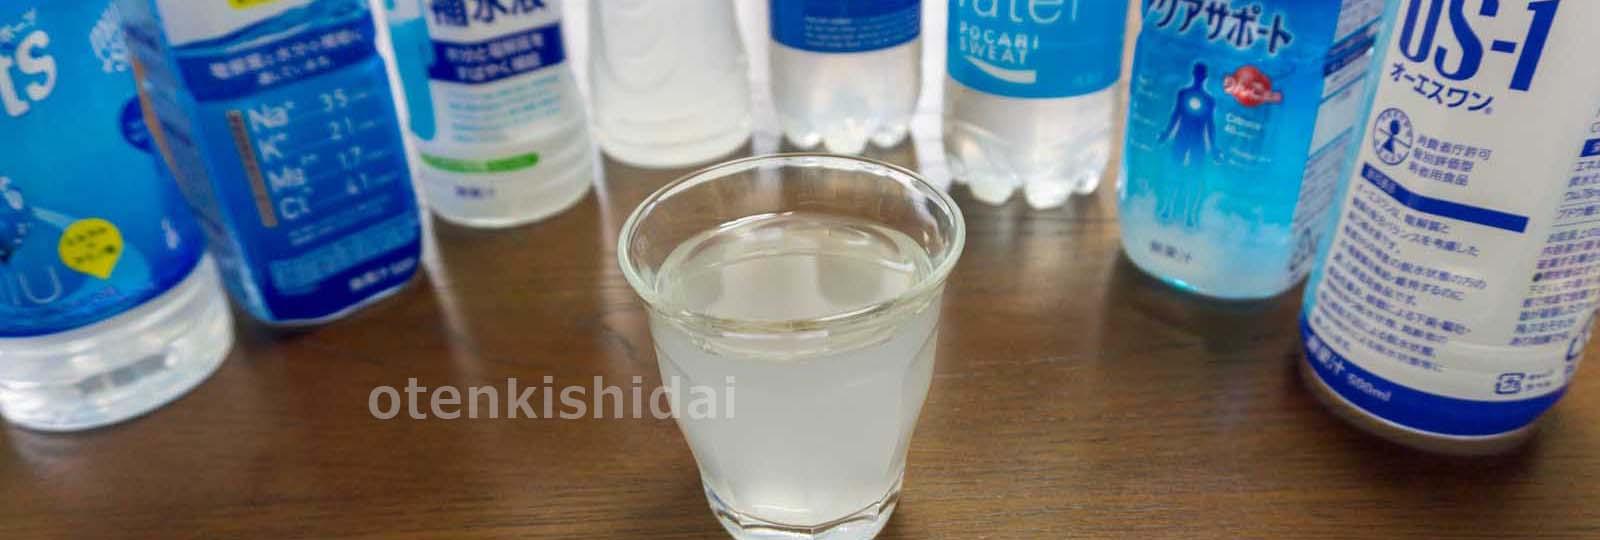 経口補水液とイオン飲料